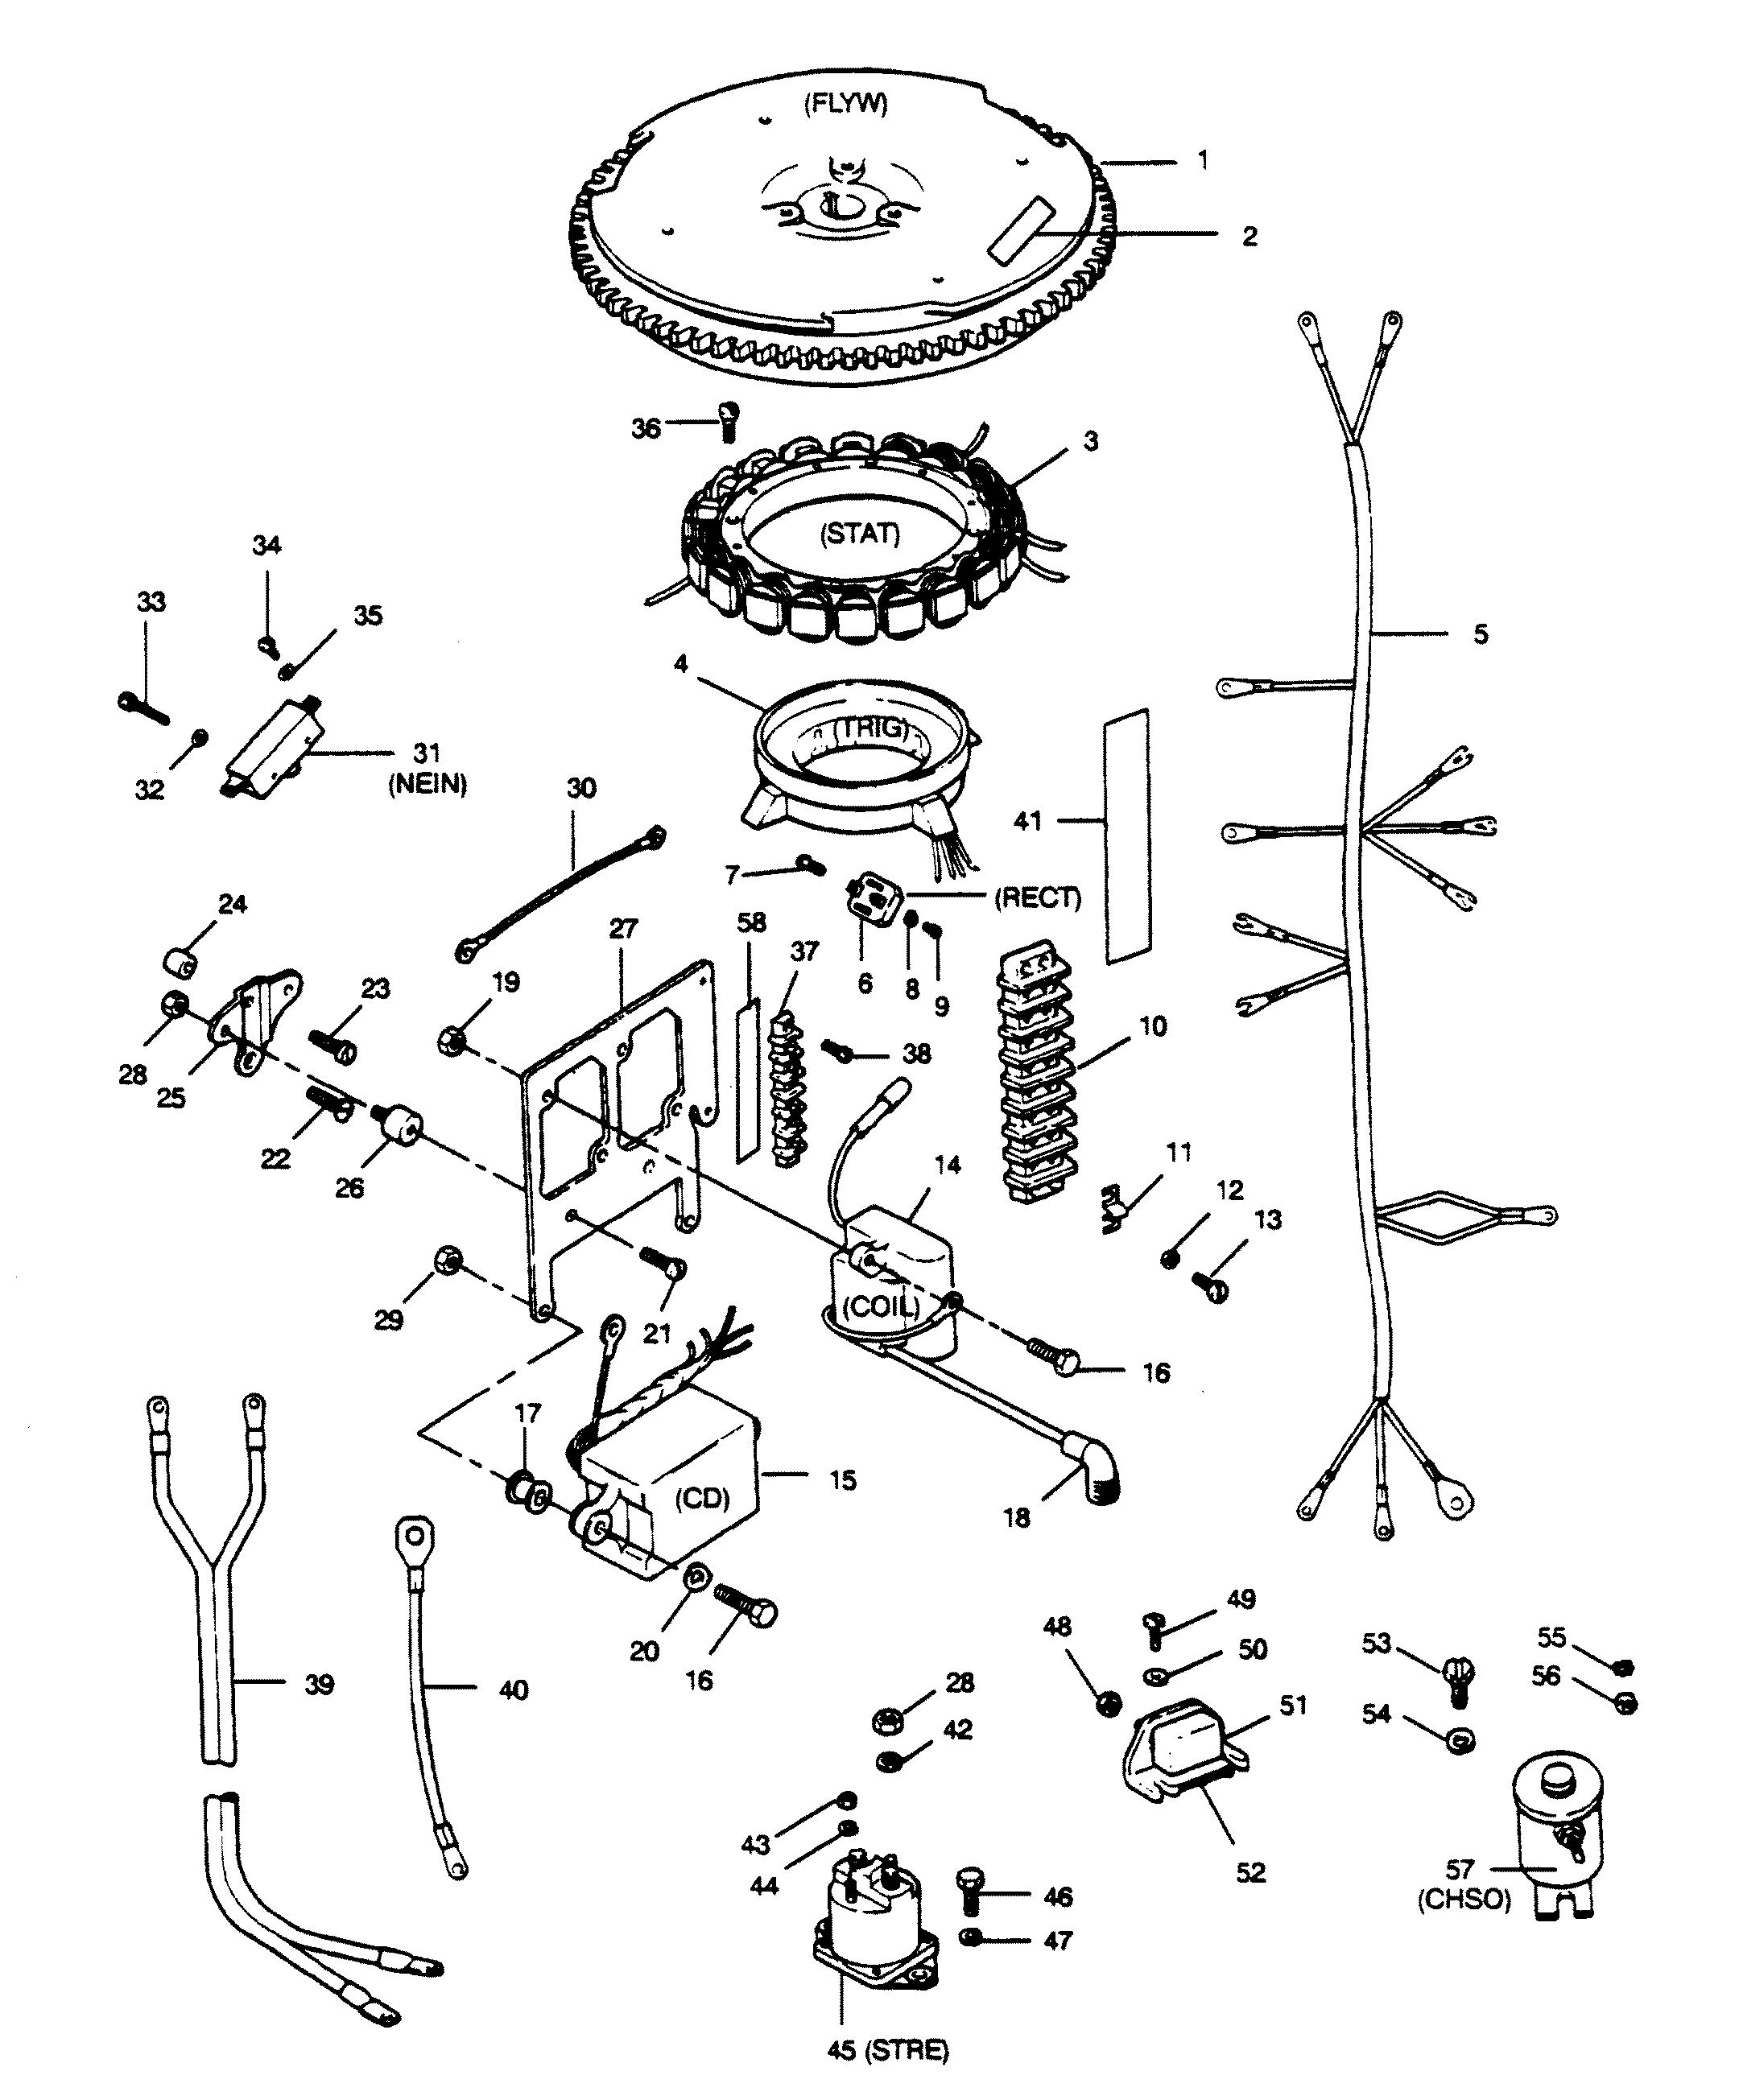 2241 on 1987 Bayliner Accessories